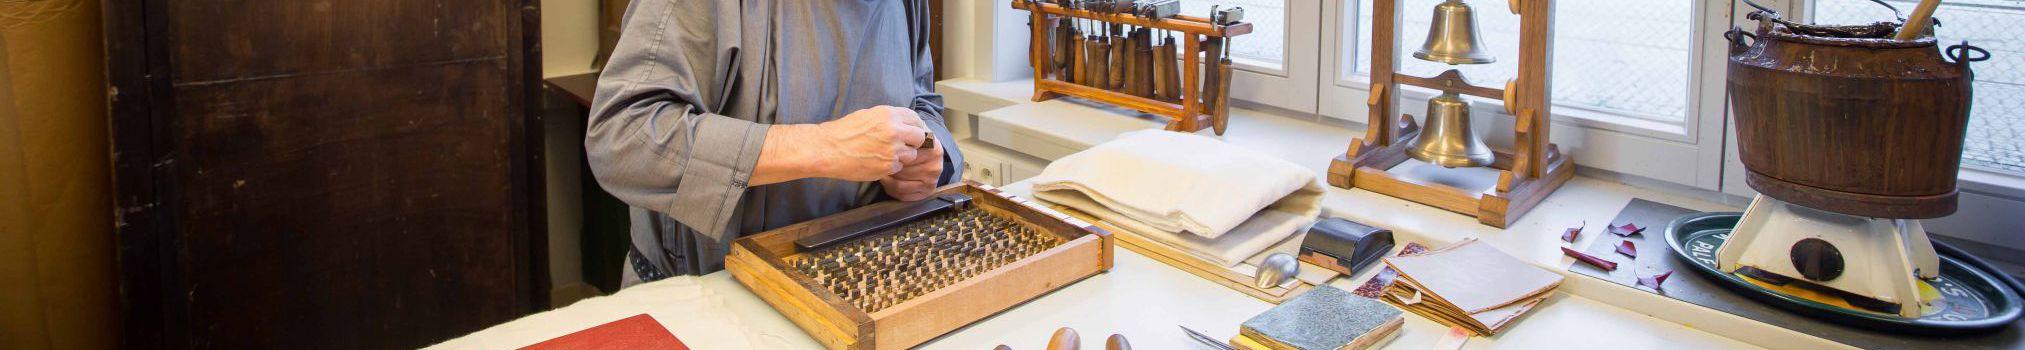 Typographe au travail dans l'atelier de livres de l'abbaye